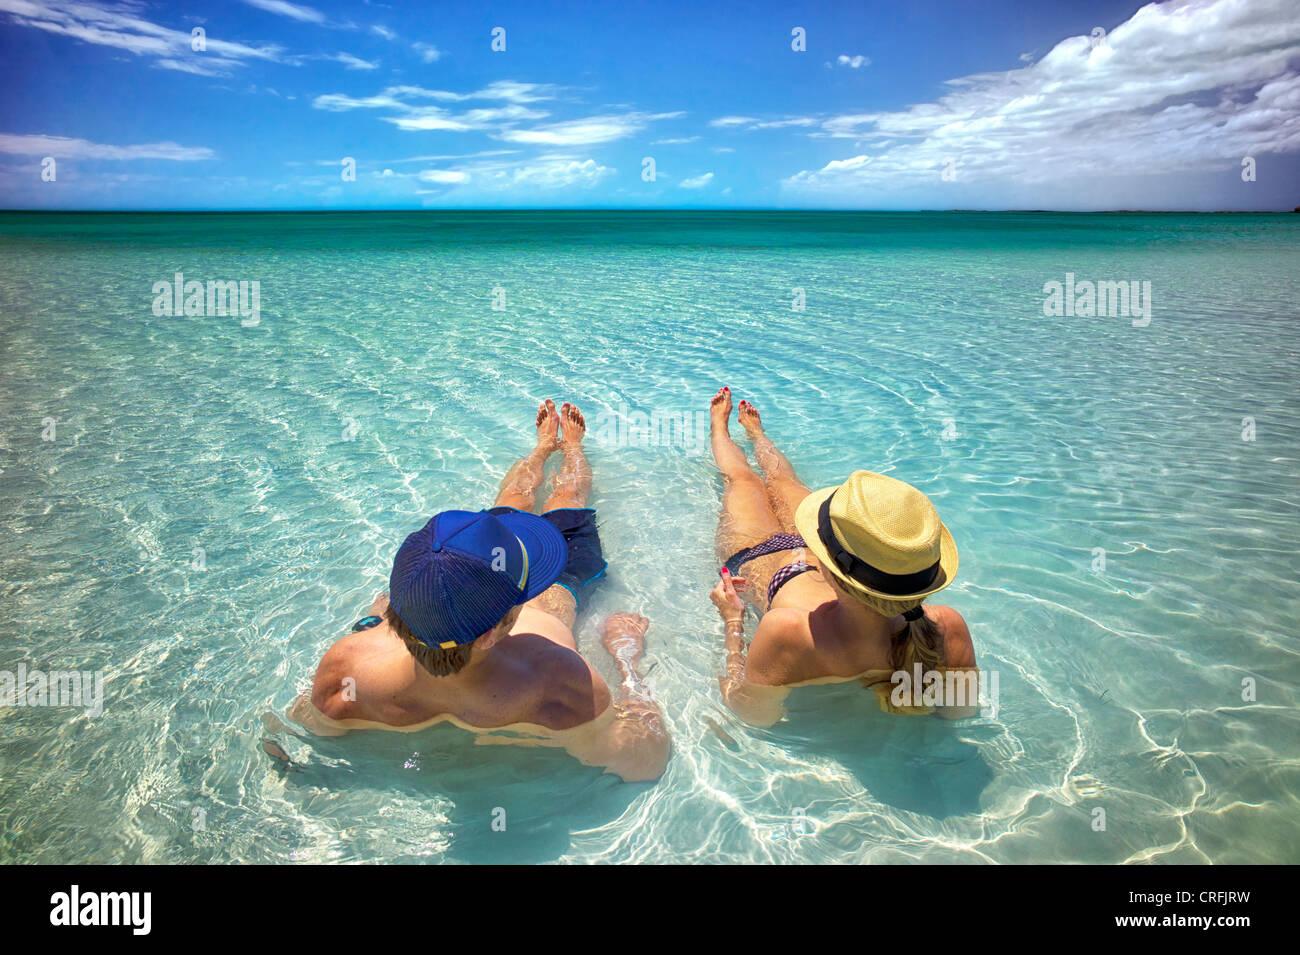 Pareja en aguas poco profundas de la Bahía de Sapodilla. Providenciales. Las Islas Turcas y Caicos. Foto de stock